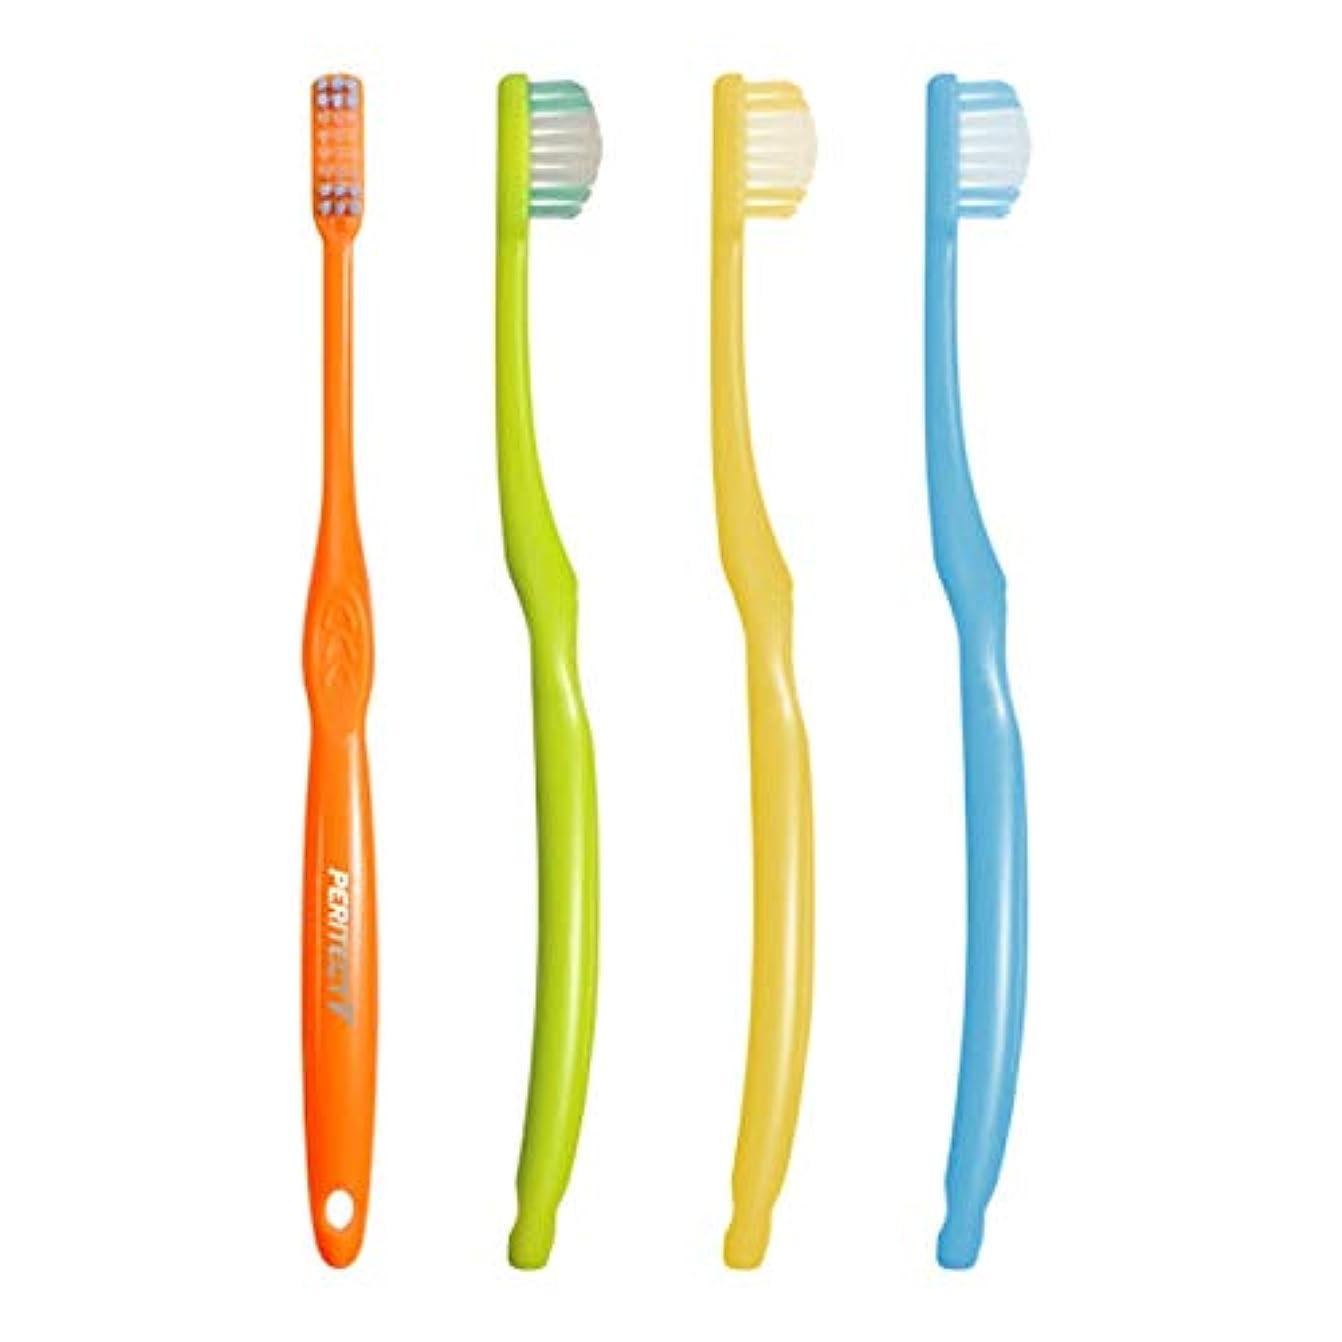 空白証明書ドロップビーブランド PERITECT V ペリテクト ブイ 6M(やわらかめ)×10本 ハブラシ 歯周病予防 歯科専売品